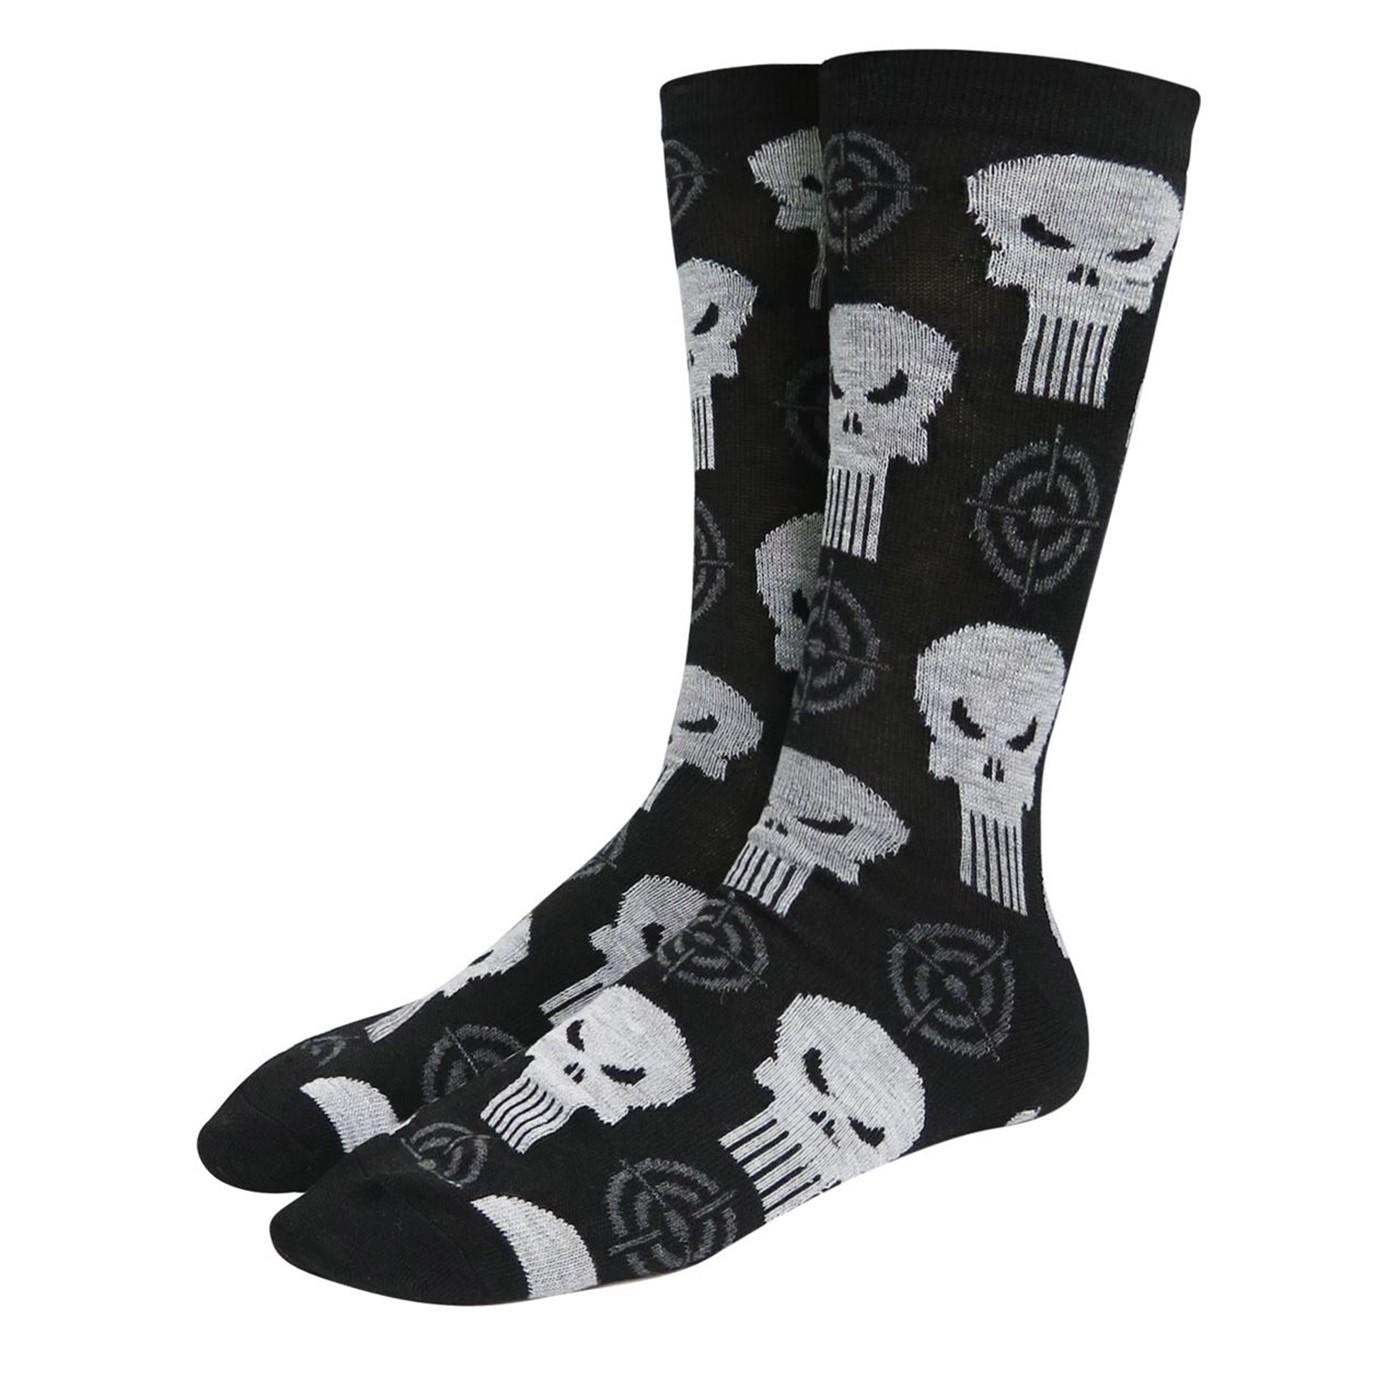 Punisher Crosshairs Crew Socks 2-Pack